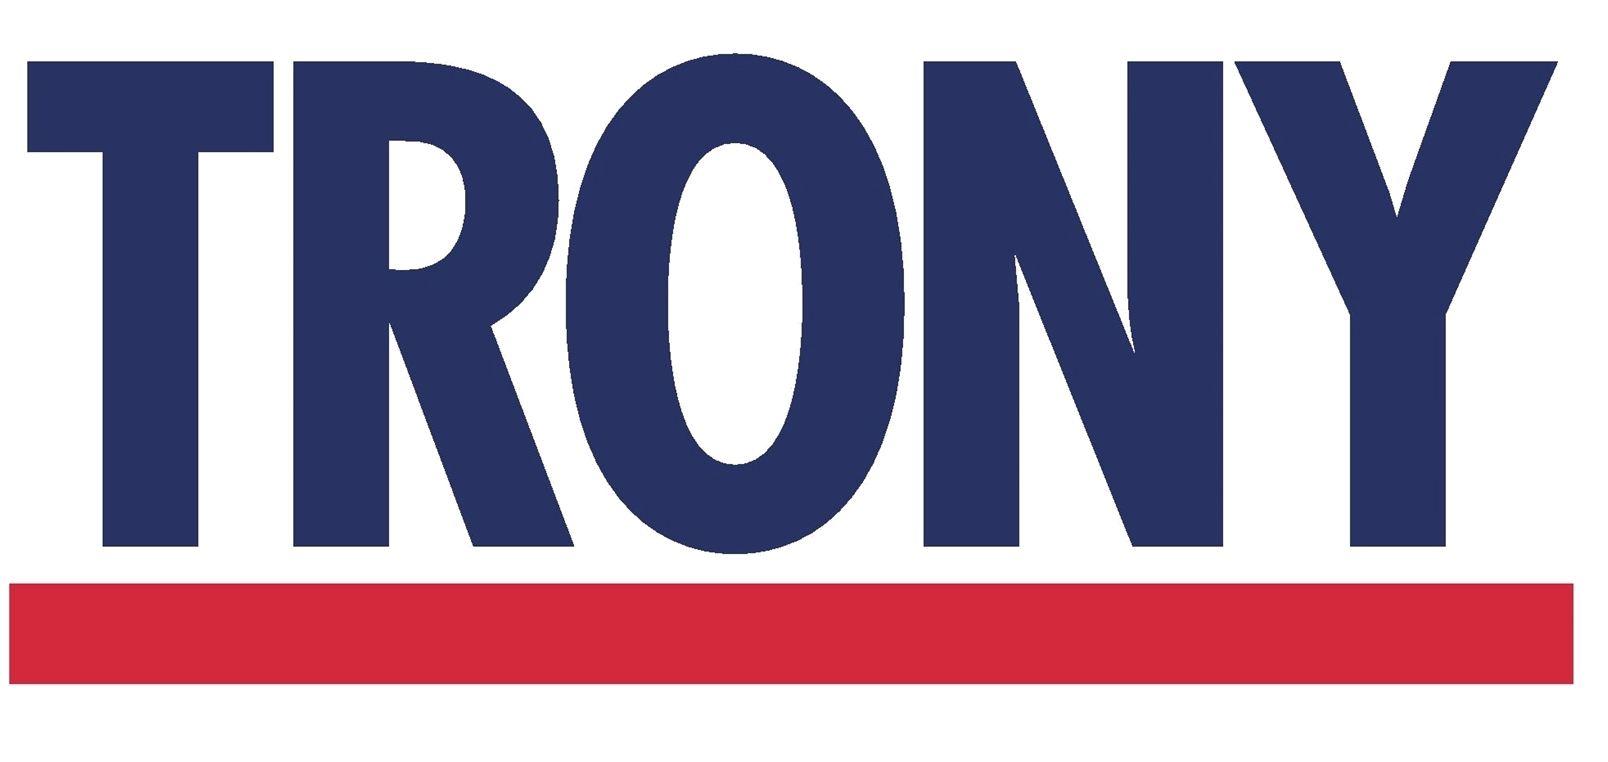 Trony, una catena italiana di negozi specializzati nella vendita di elettrodomestici e infiniti prodotti (Adobe Stock)